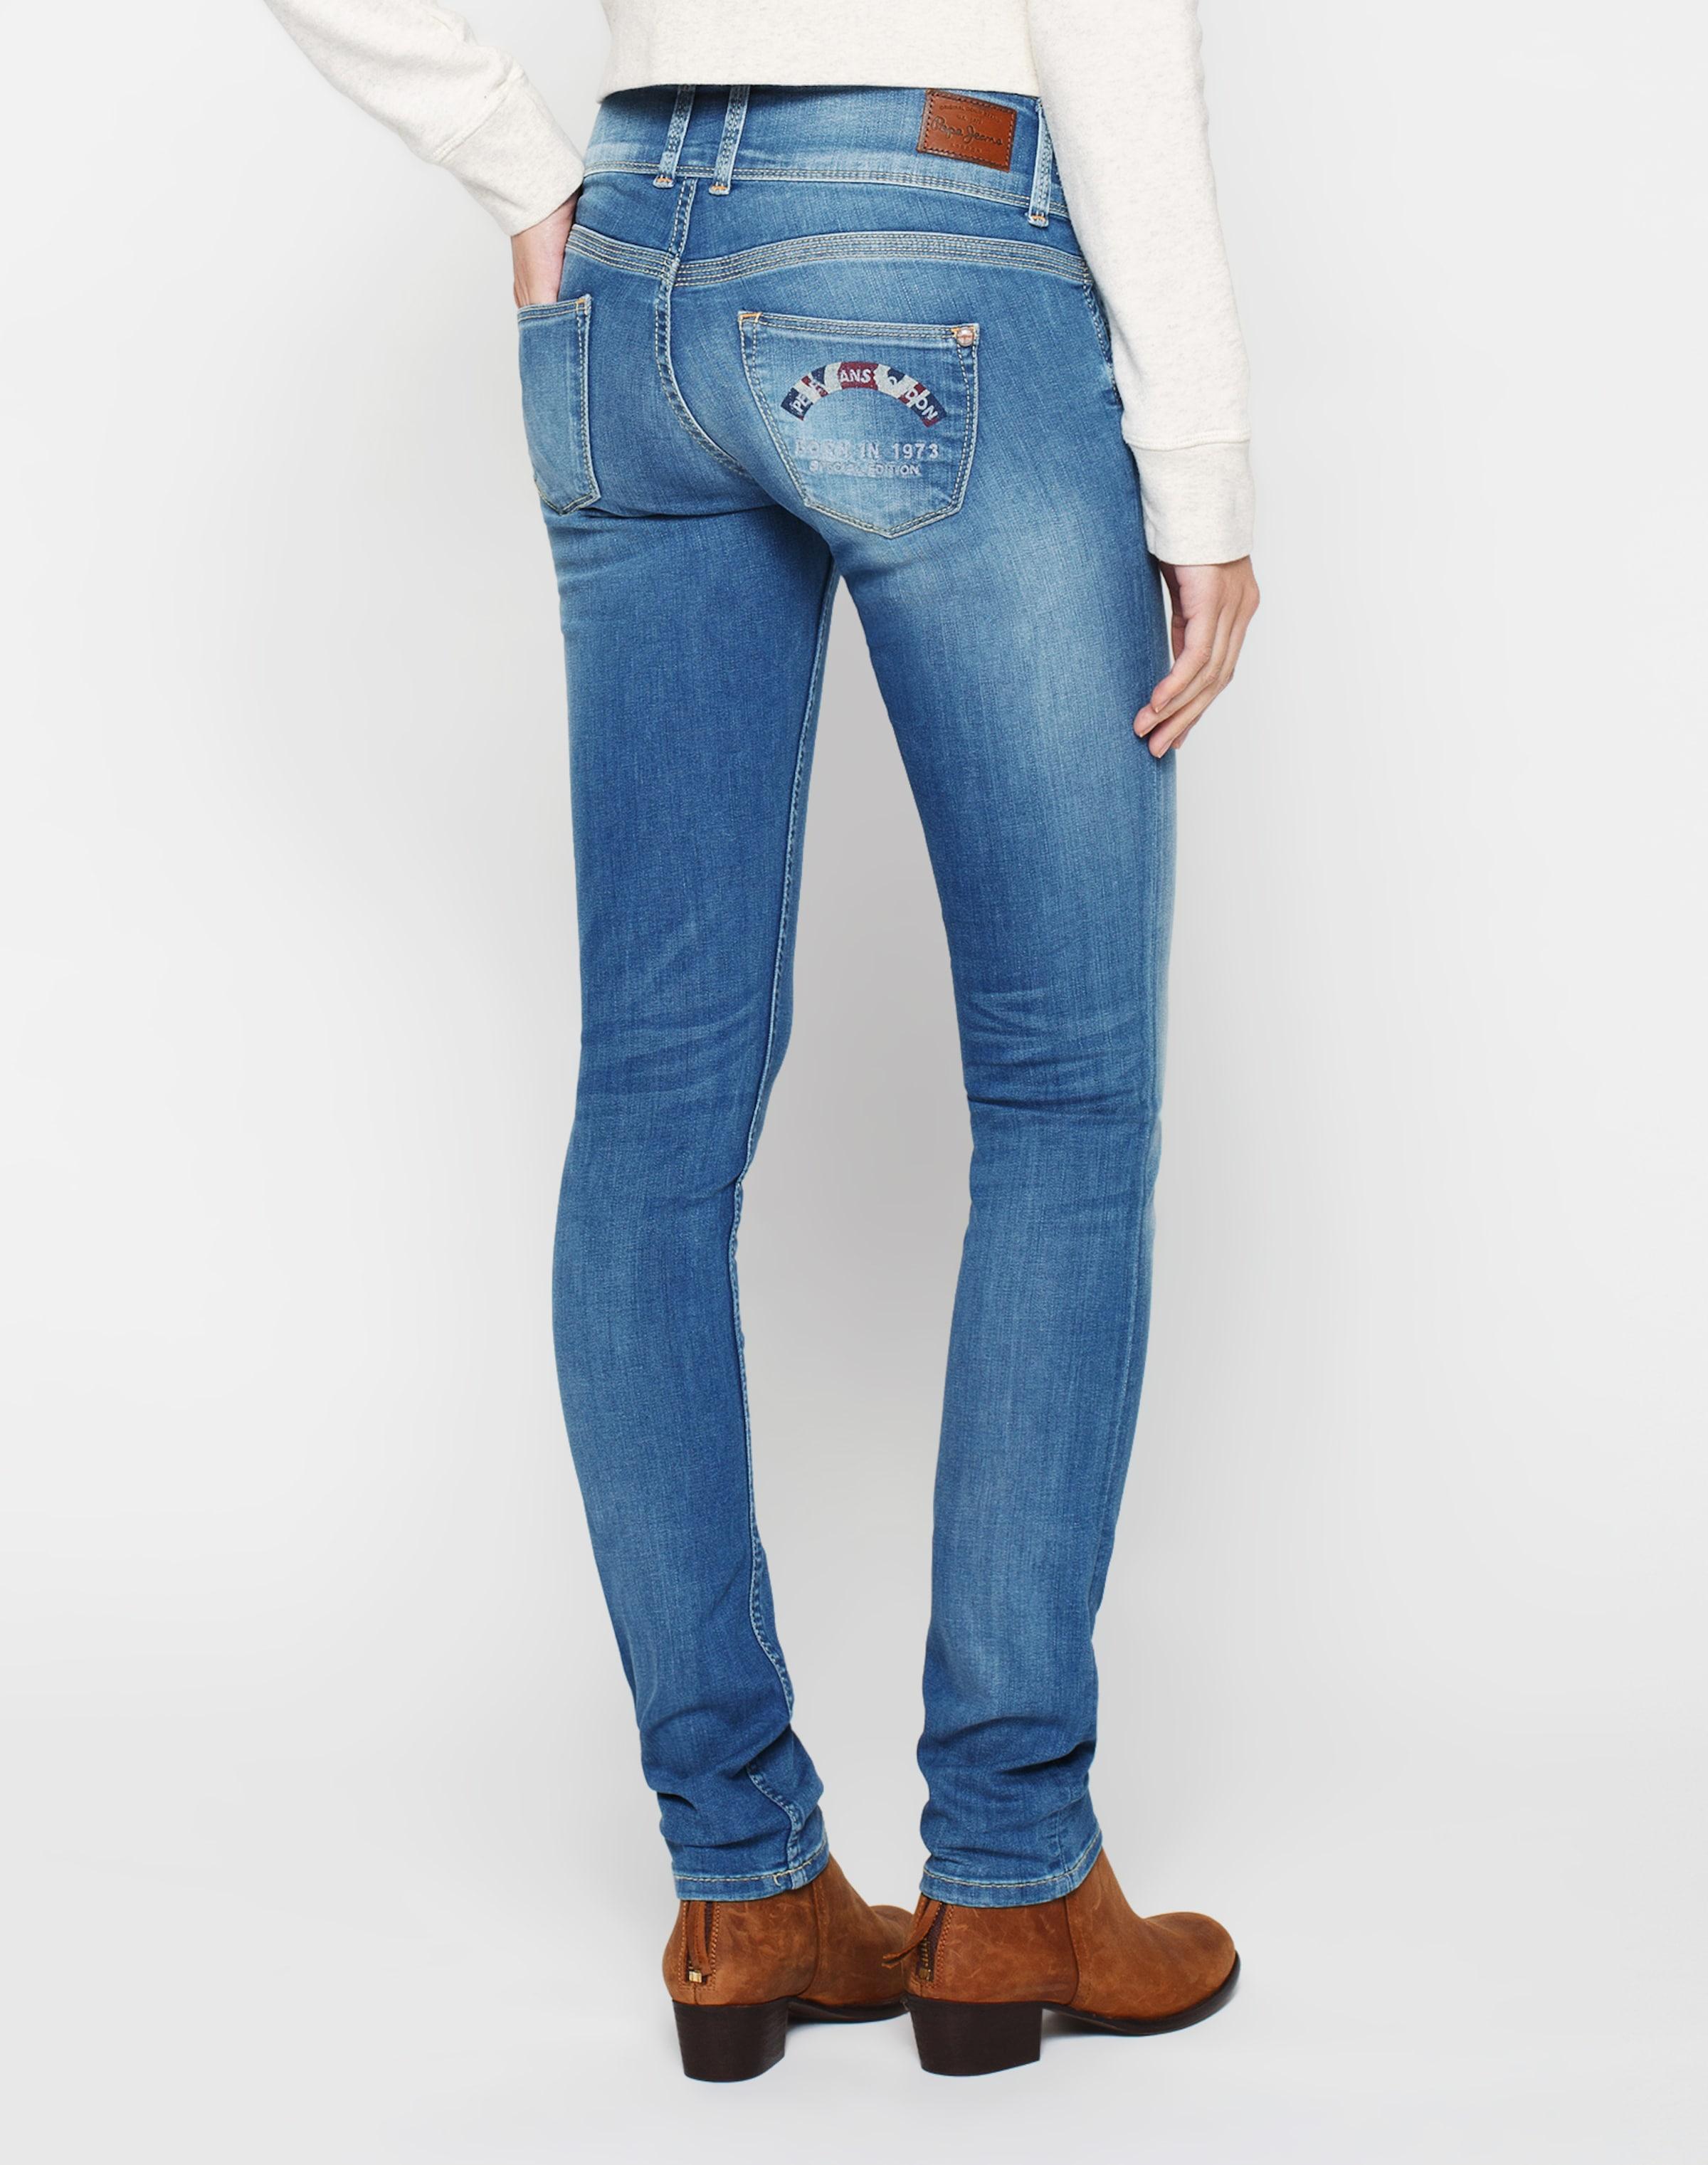 Jeans Jean En Bleu 'vera' Pepe dBoCrWxe